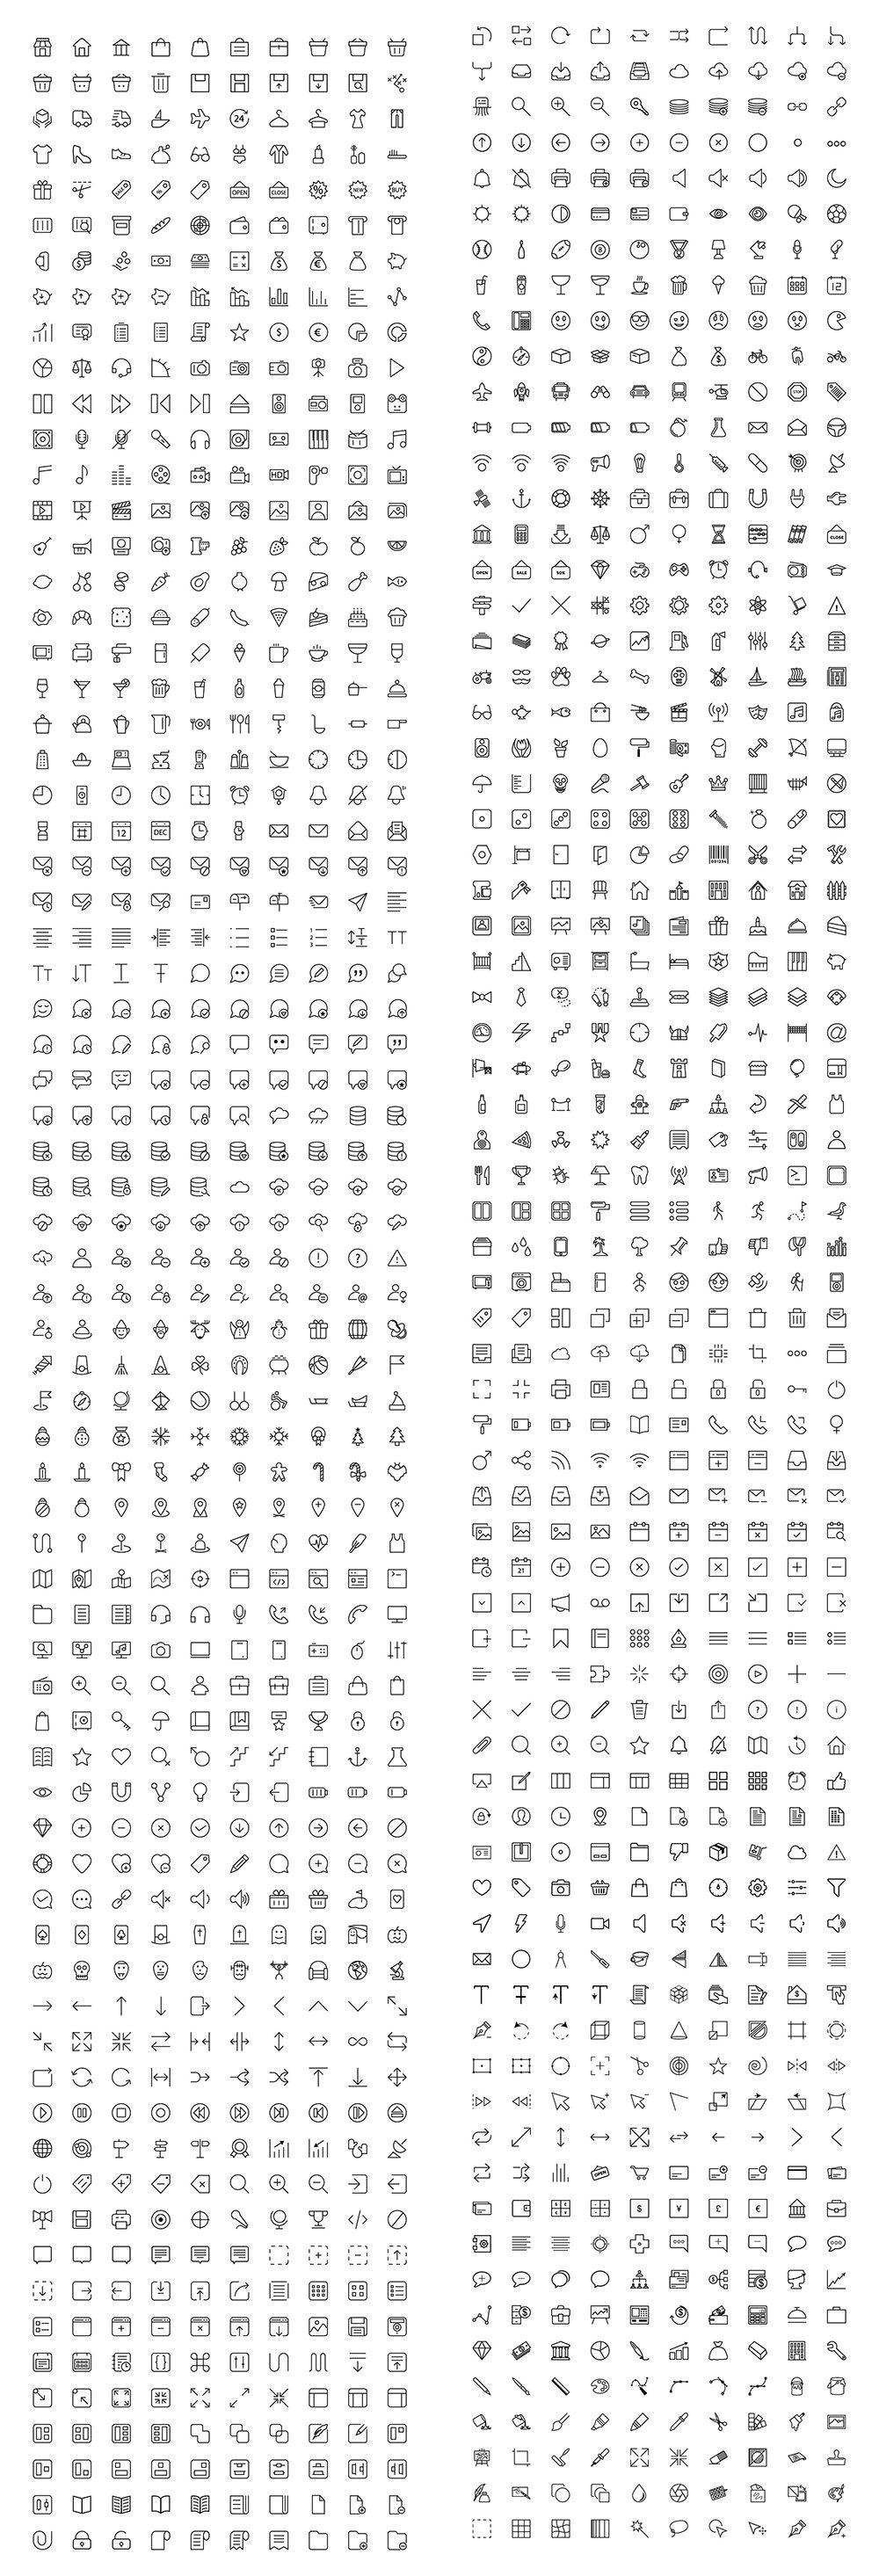 1430个图标合集-1430 line icons bundle v2